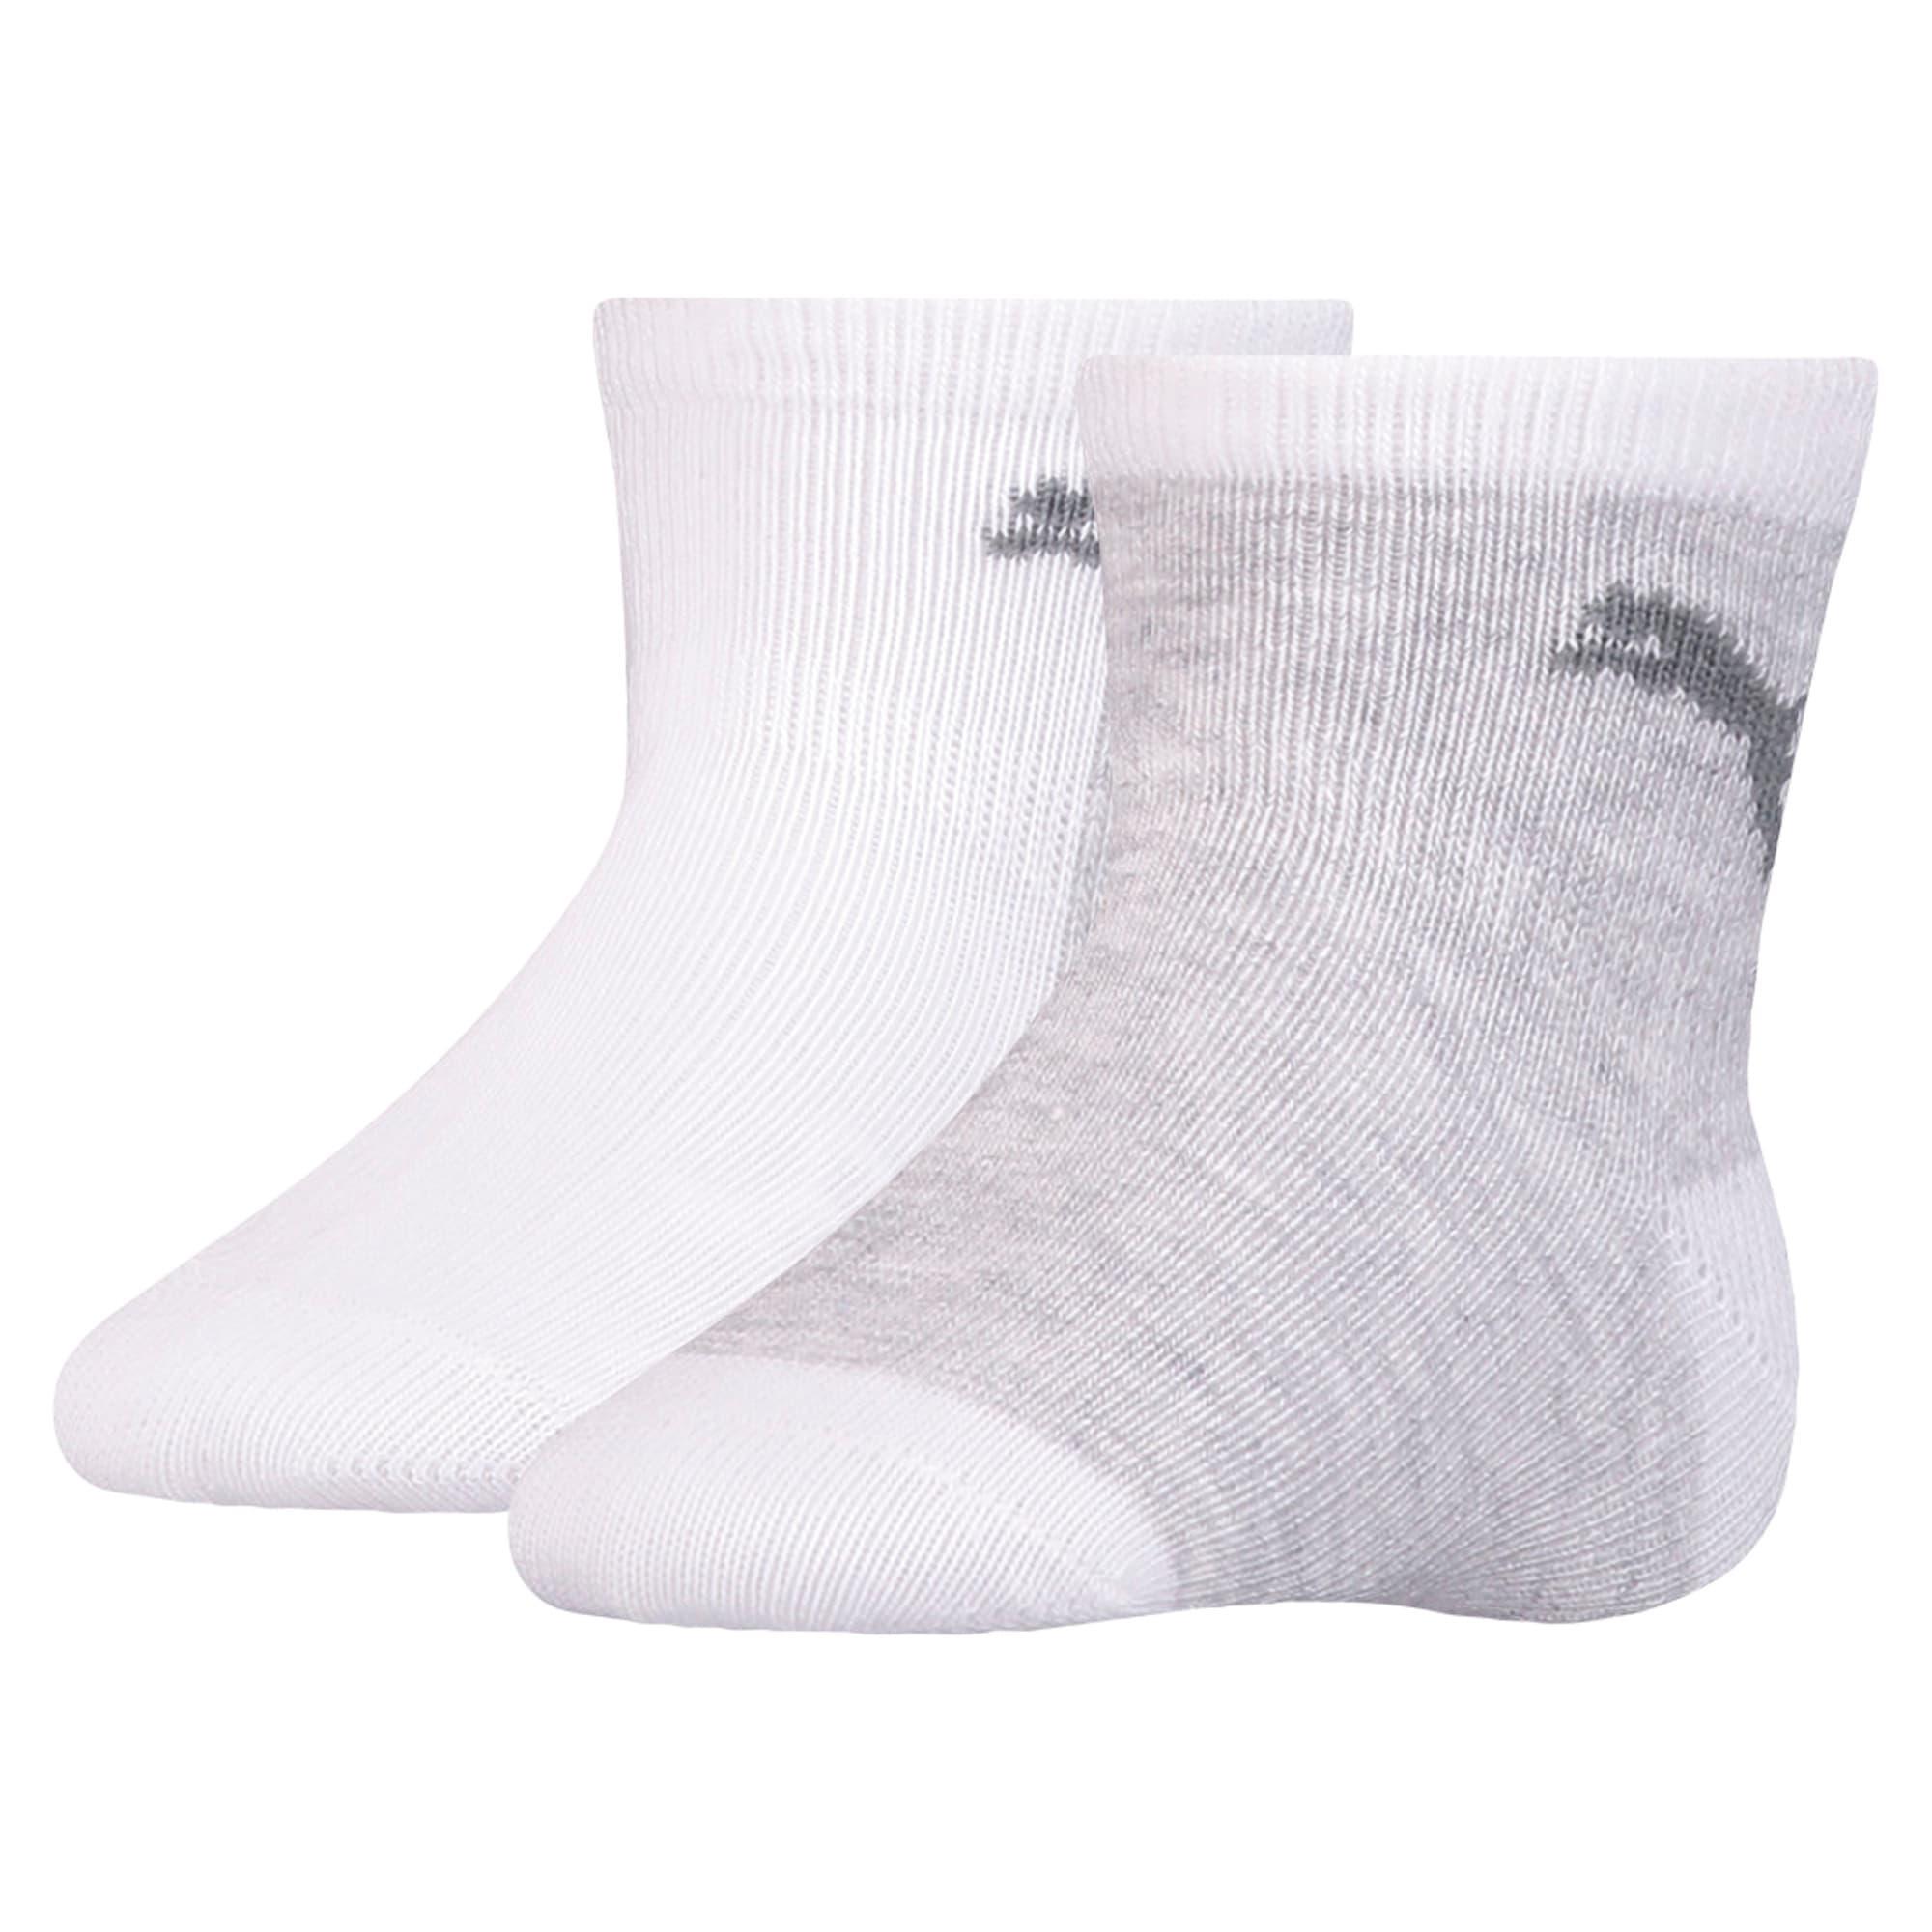 Thumbnail 1 of Mini Cats Anti-Slip Babies' Socks 2 Pack, white, medium